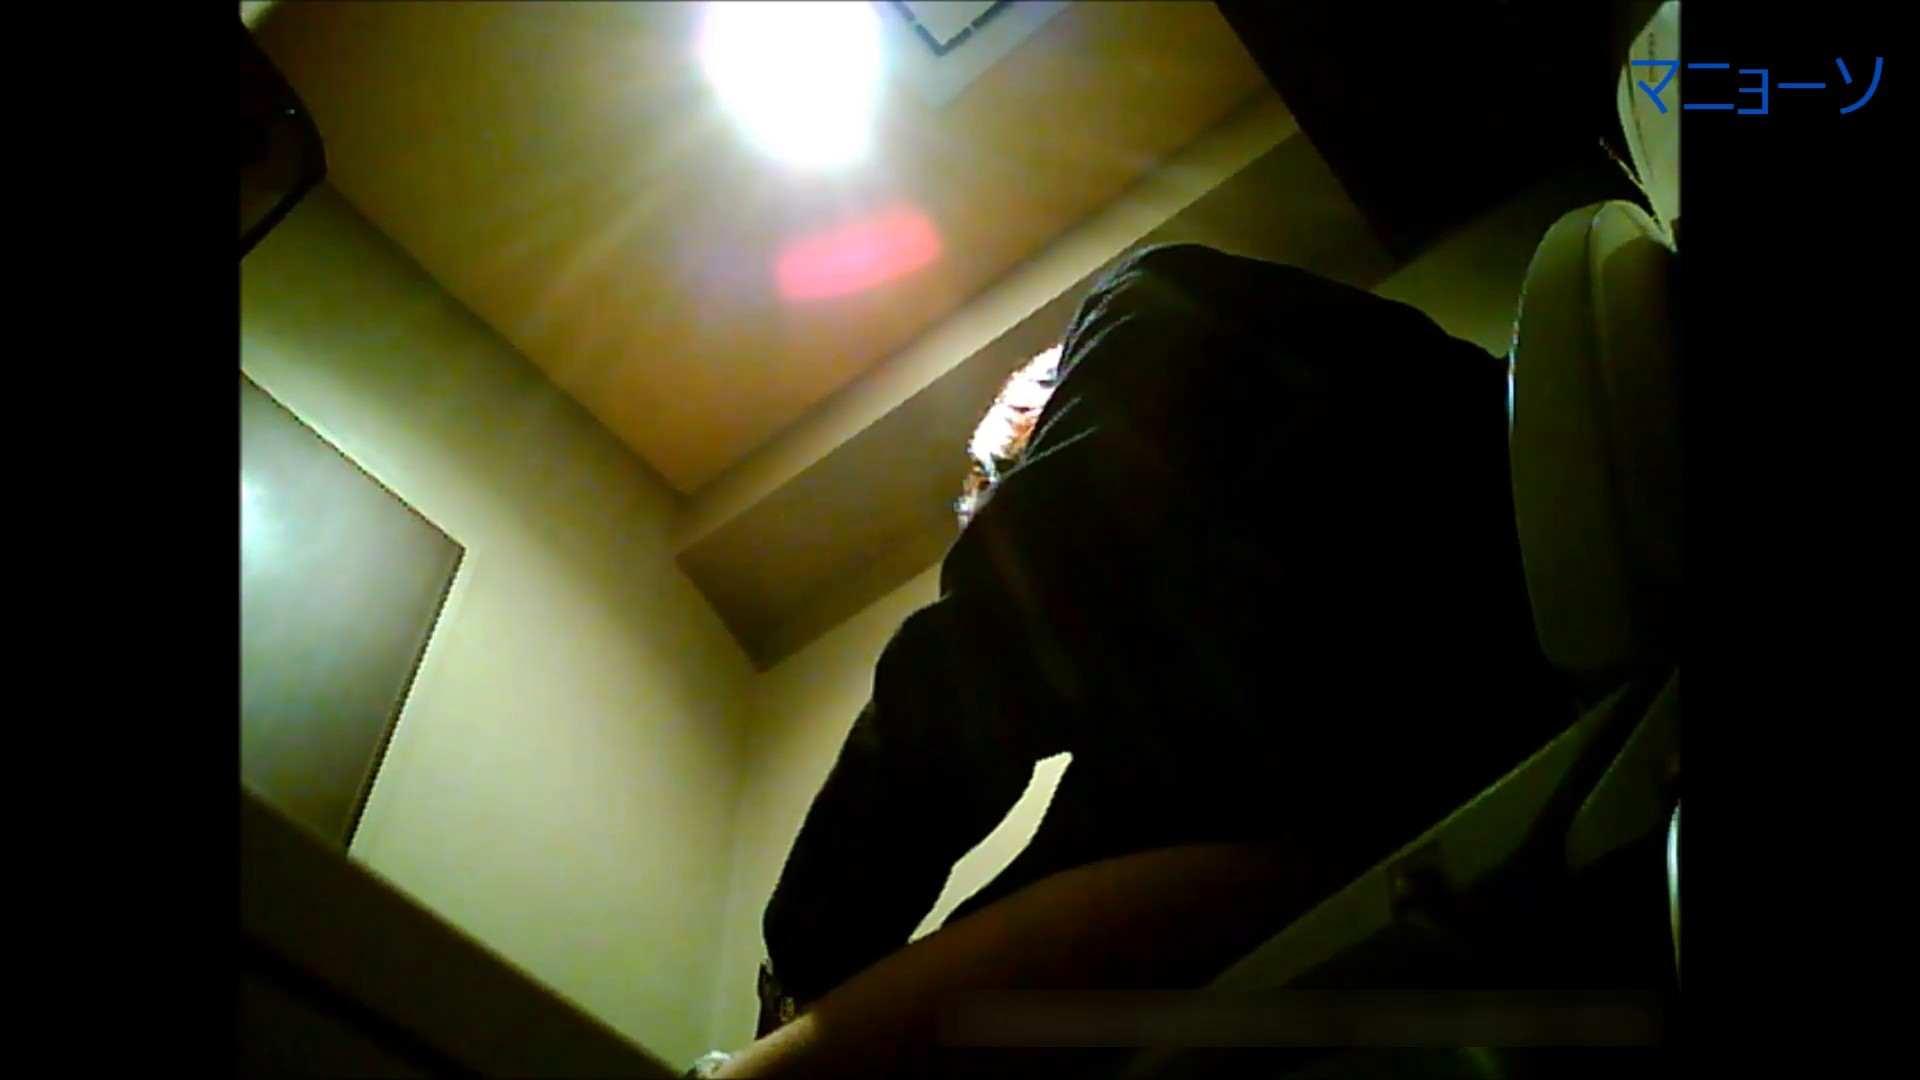 トイレでひと肌脱いでもらいました (OL編)Vol.06 OL  61pic 11